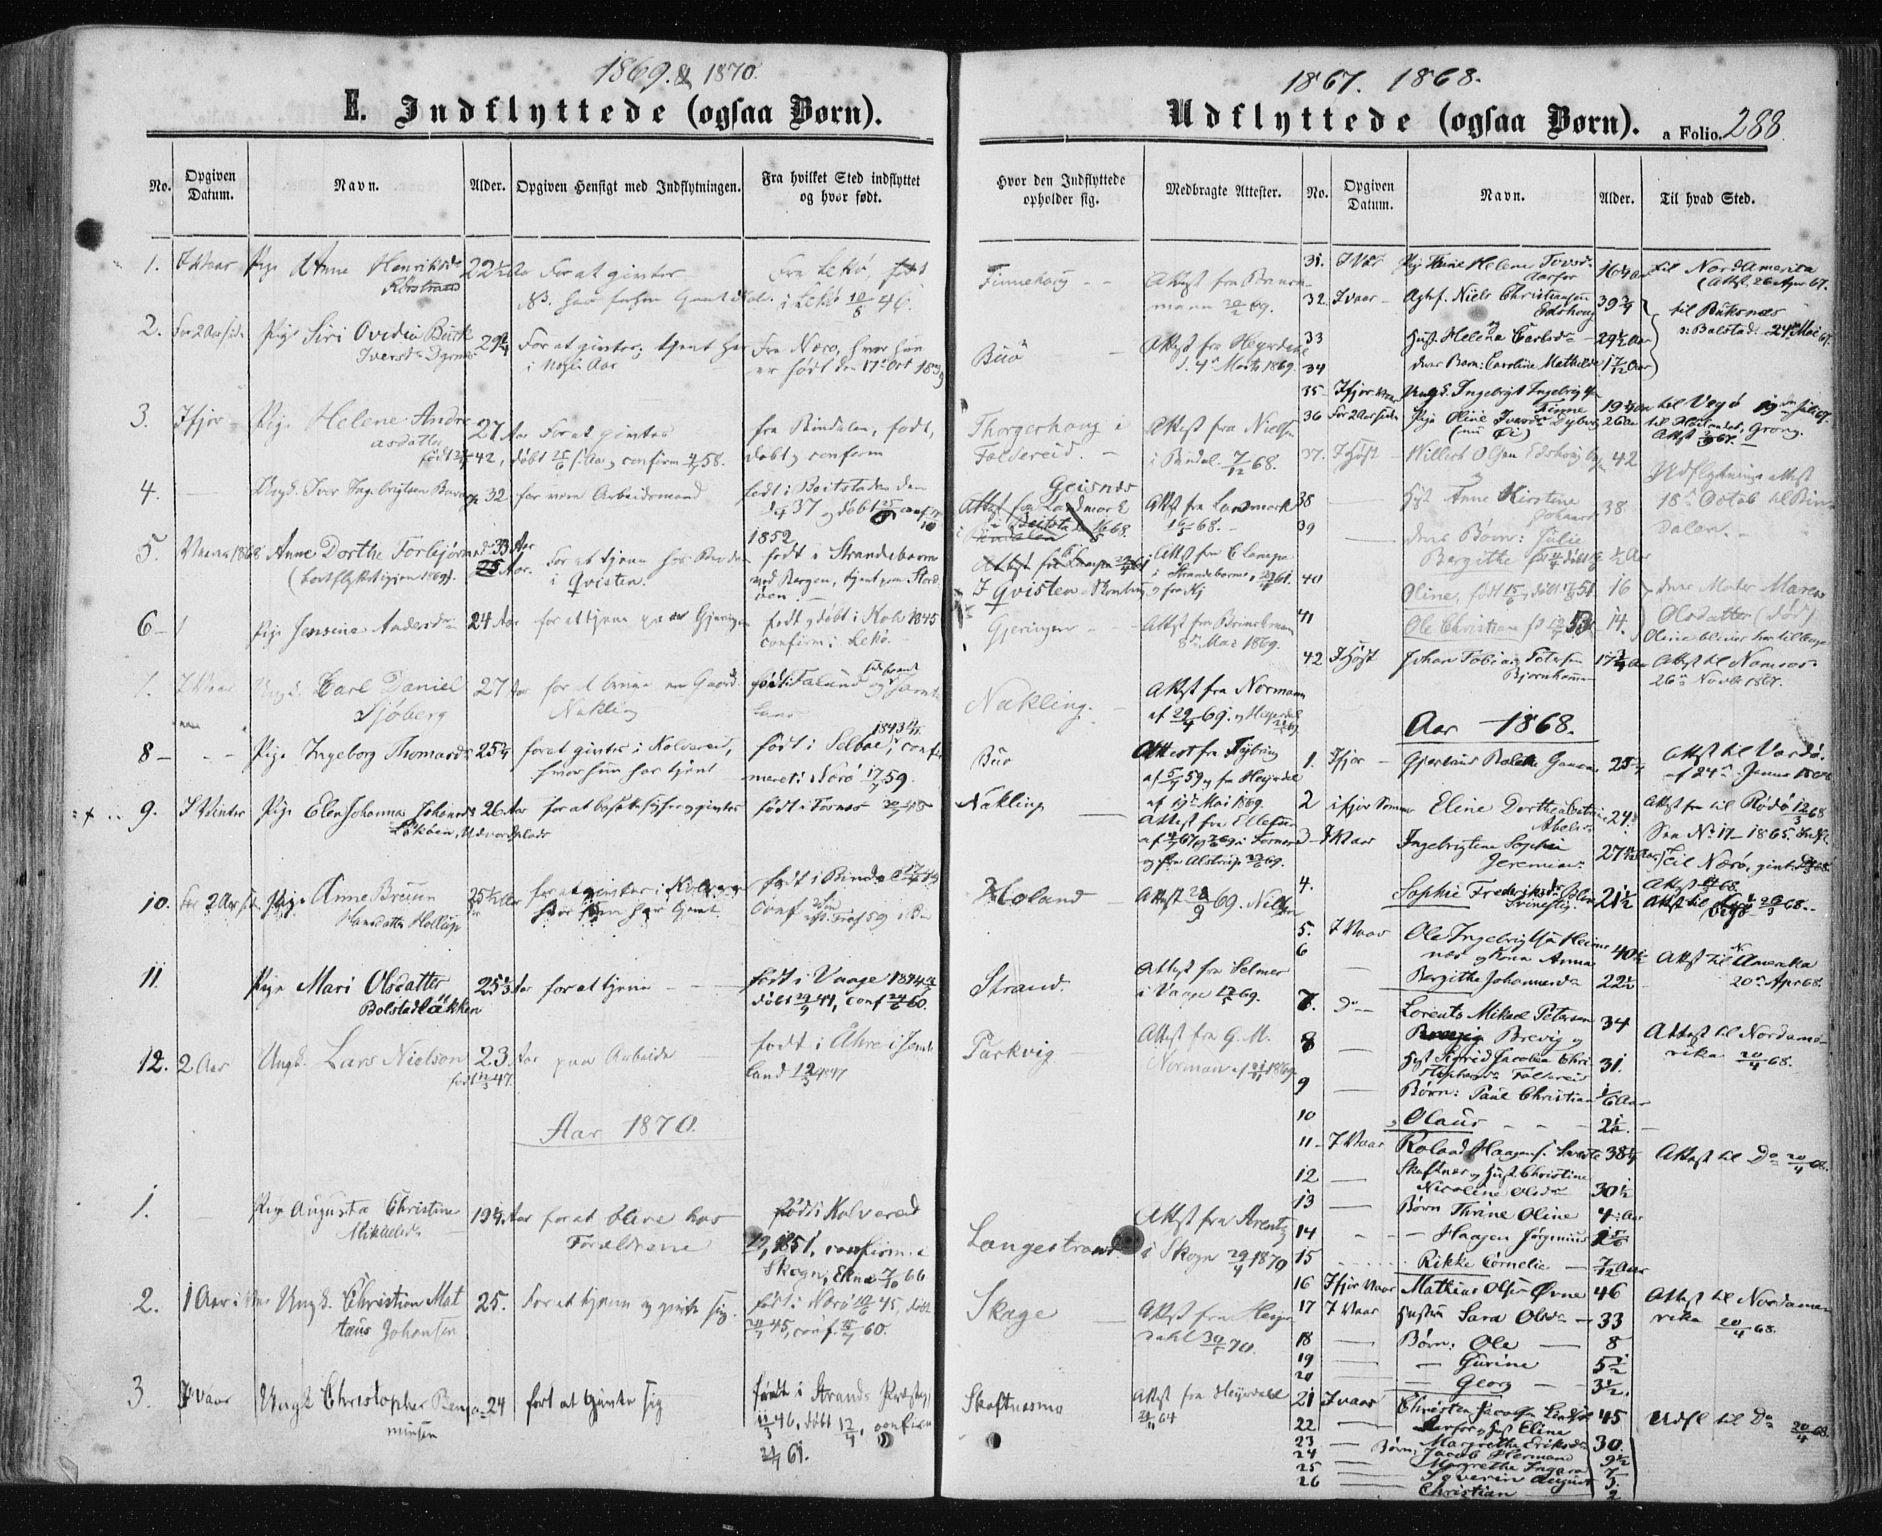 SAT, Ministerialprotokoller, klokkerbøker og fødselsregistre - Nord-Trøndelag, 780/L0641: Ministerialbok nr. 780A06, 1857-1874, s. 288